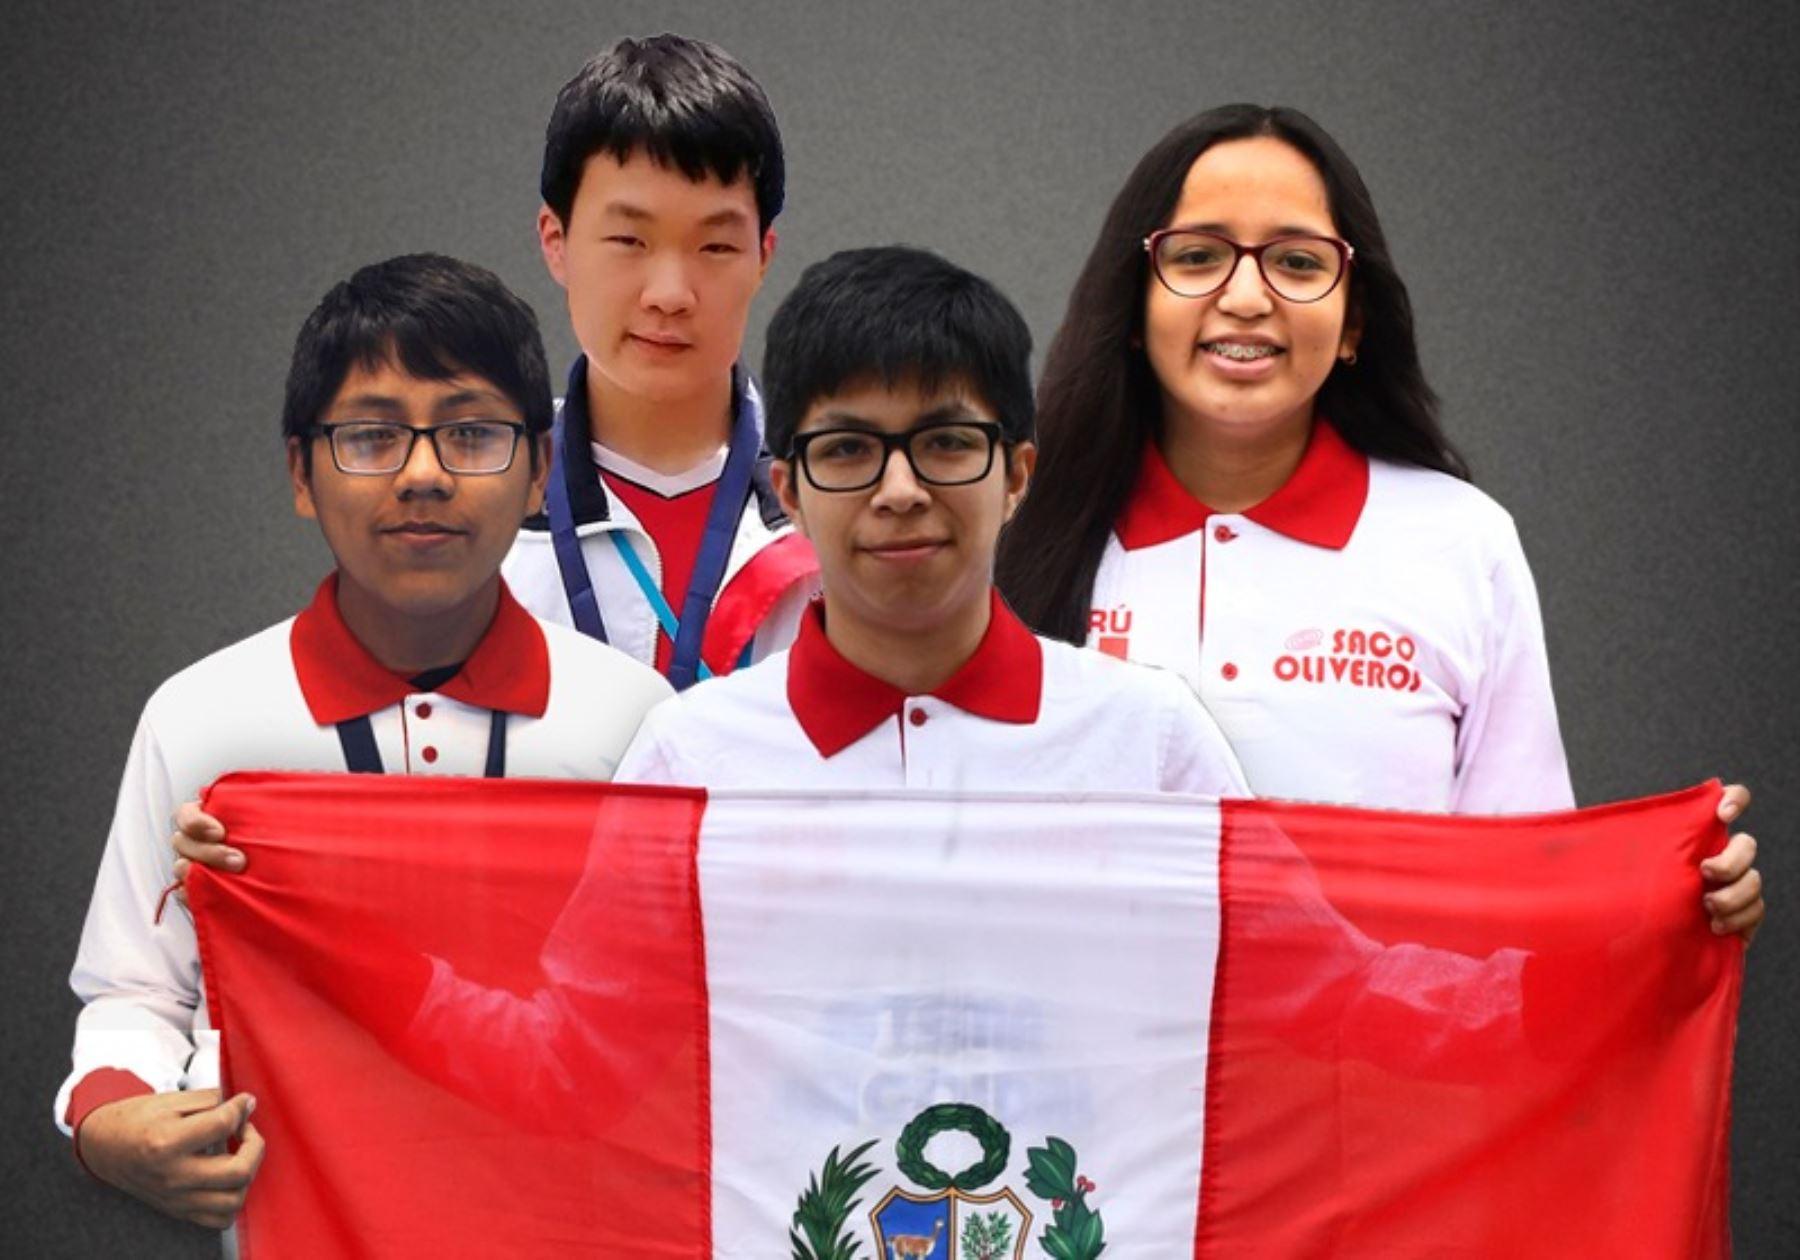 En plena pandemia, Mijaíl, Eduardo, Johan y Carla participaron en concurso de manera virtual. Foto: Saco Oliveros.